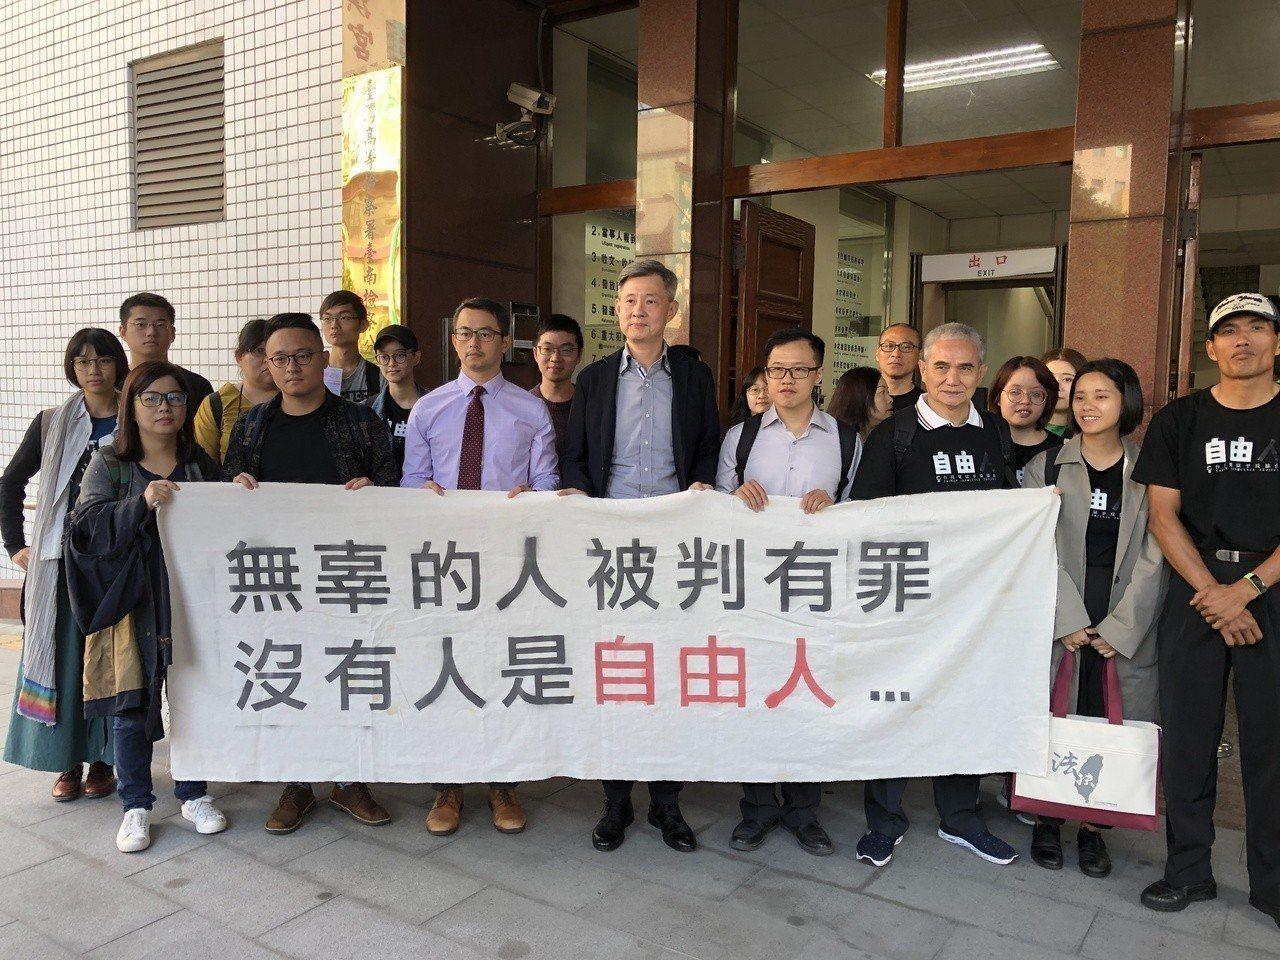 台南高分院合議庭認謝志宏所寫的行蹤稿等新證據,足以動搖原確定判決關於該案行凶人數...